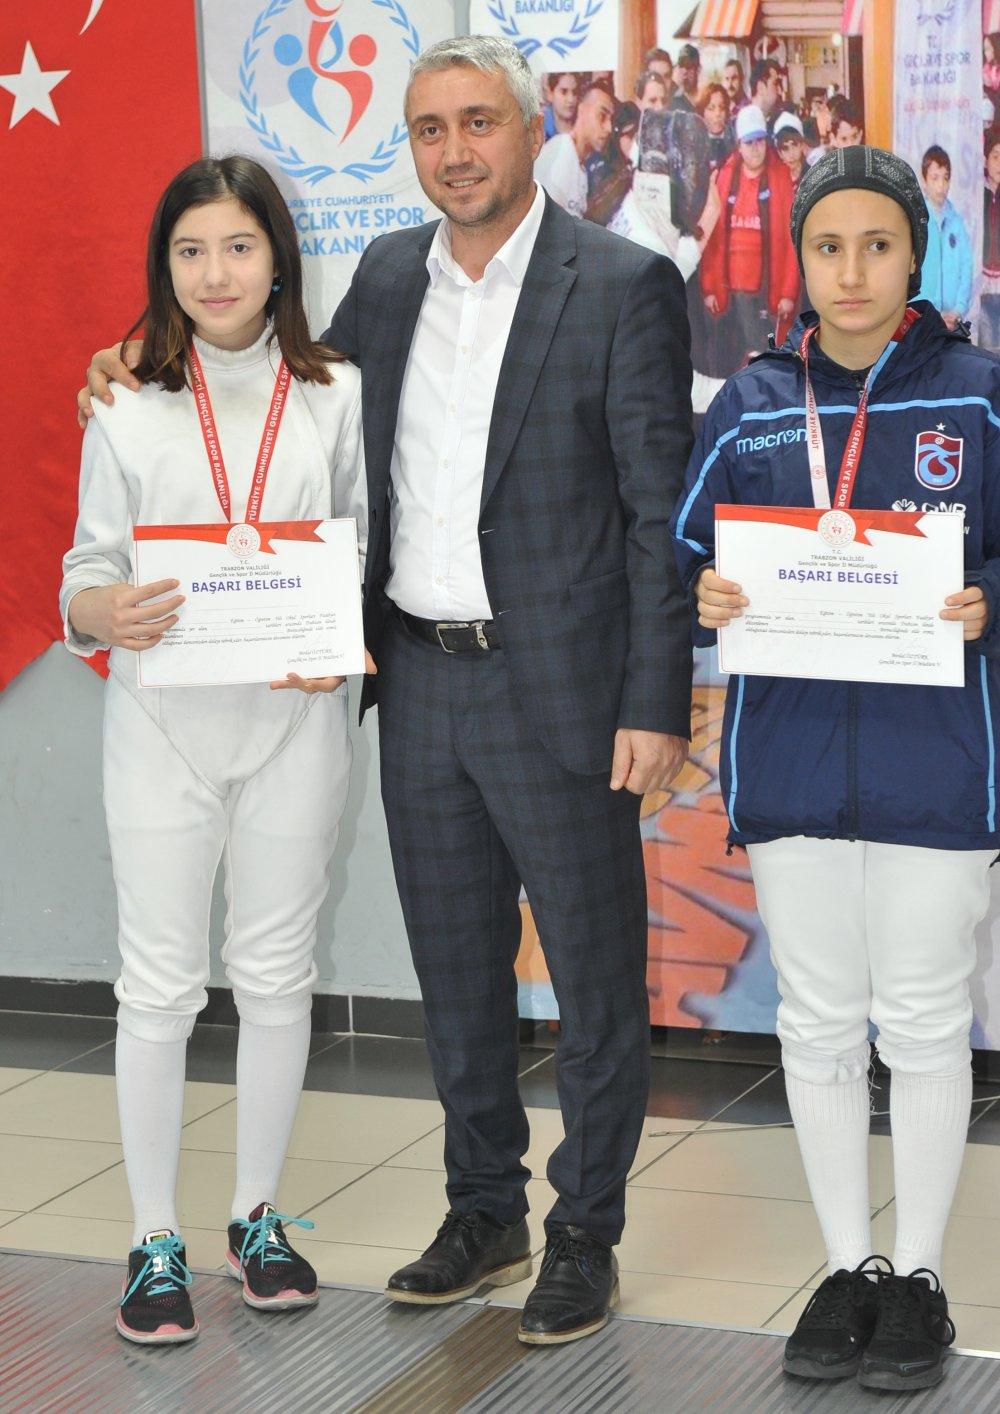 Trabzon'da Eskrim İl Birinciliği müsabakaları ilgi gördü